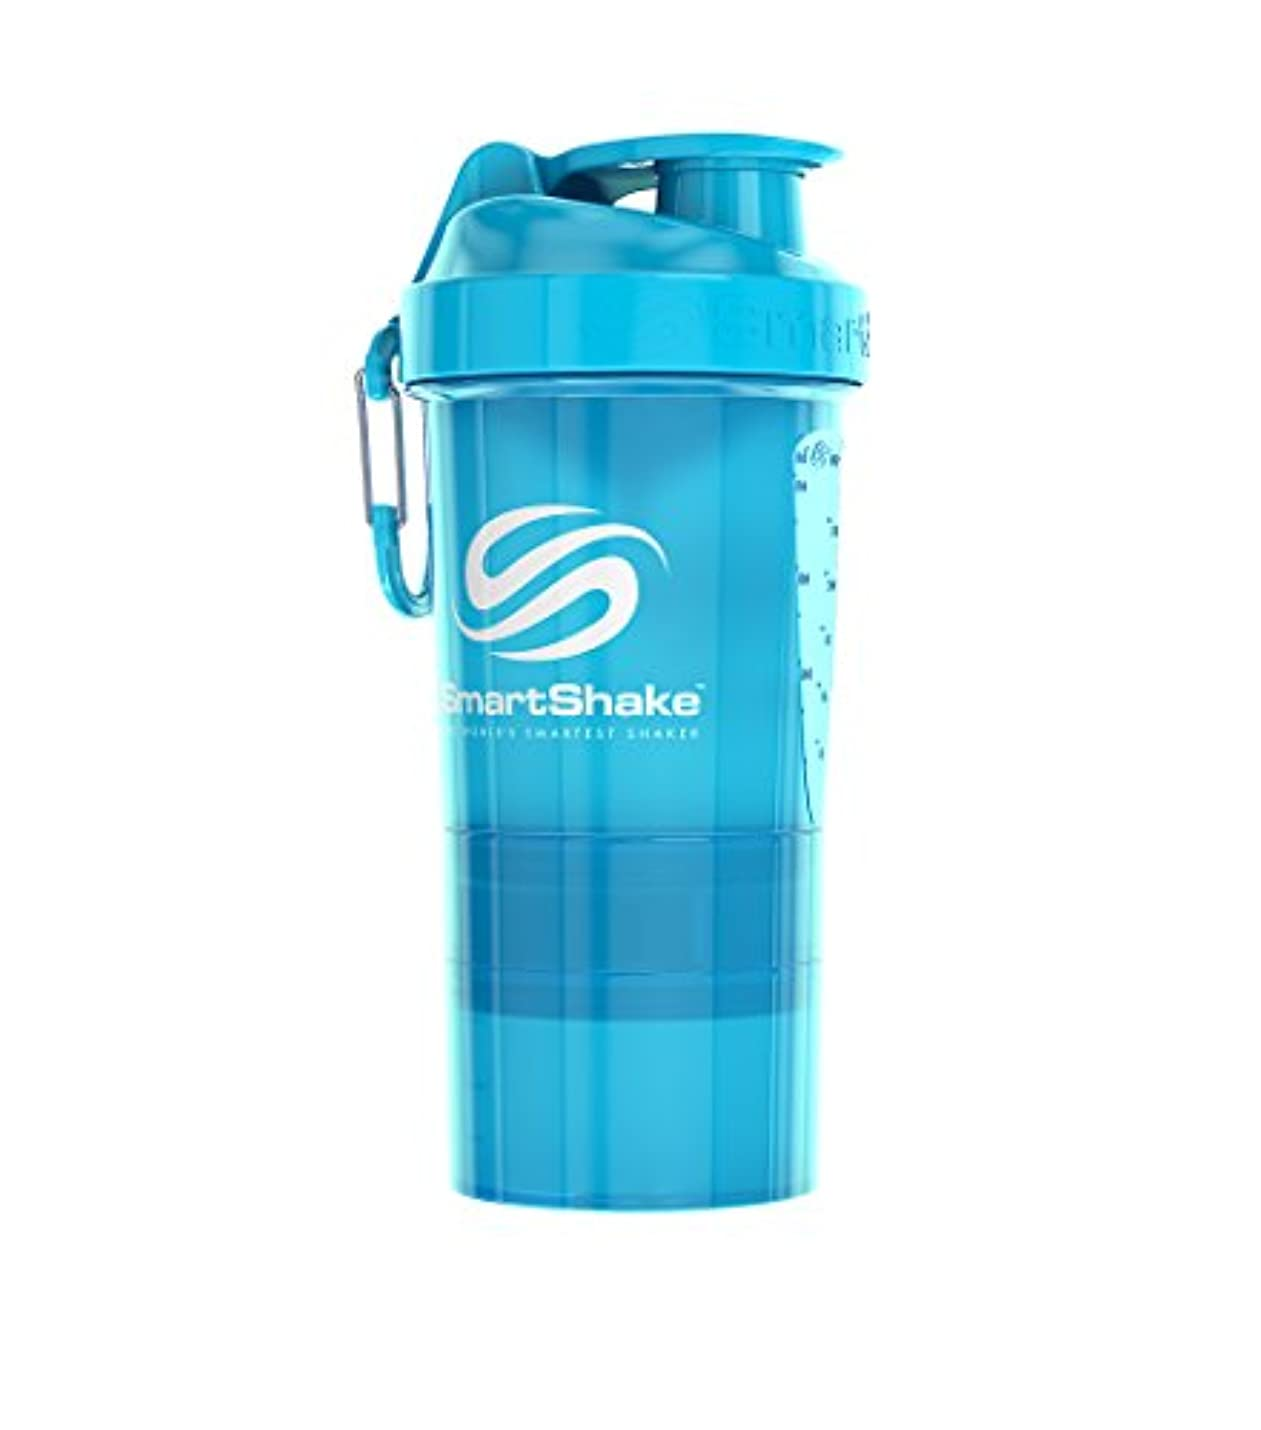 胃問い合わせる菊Smartshake オリジナル 2Go ボトル 20 oz 10560101